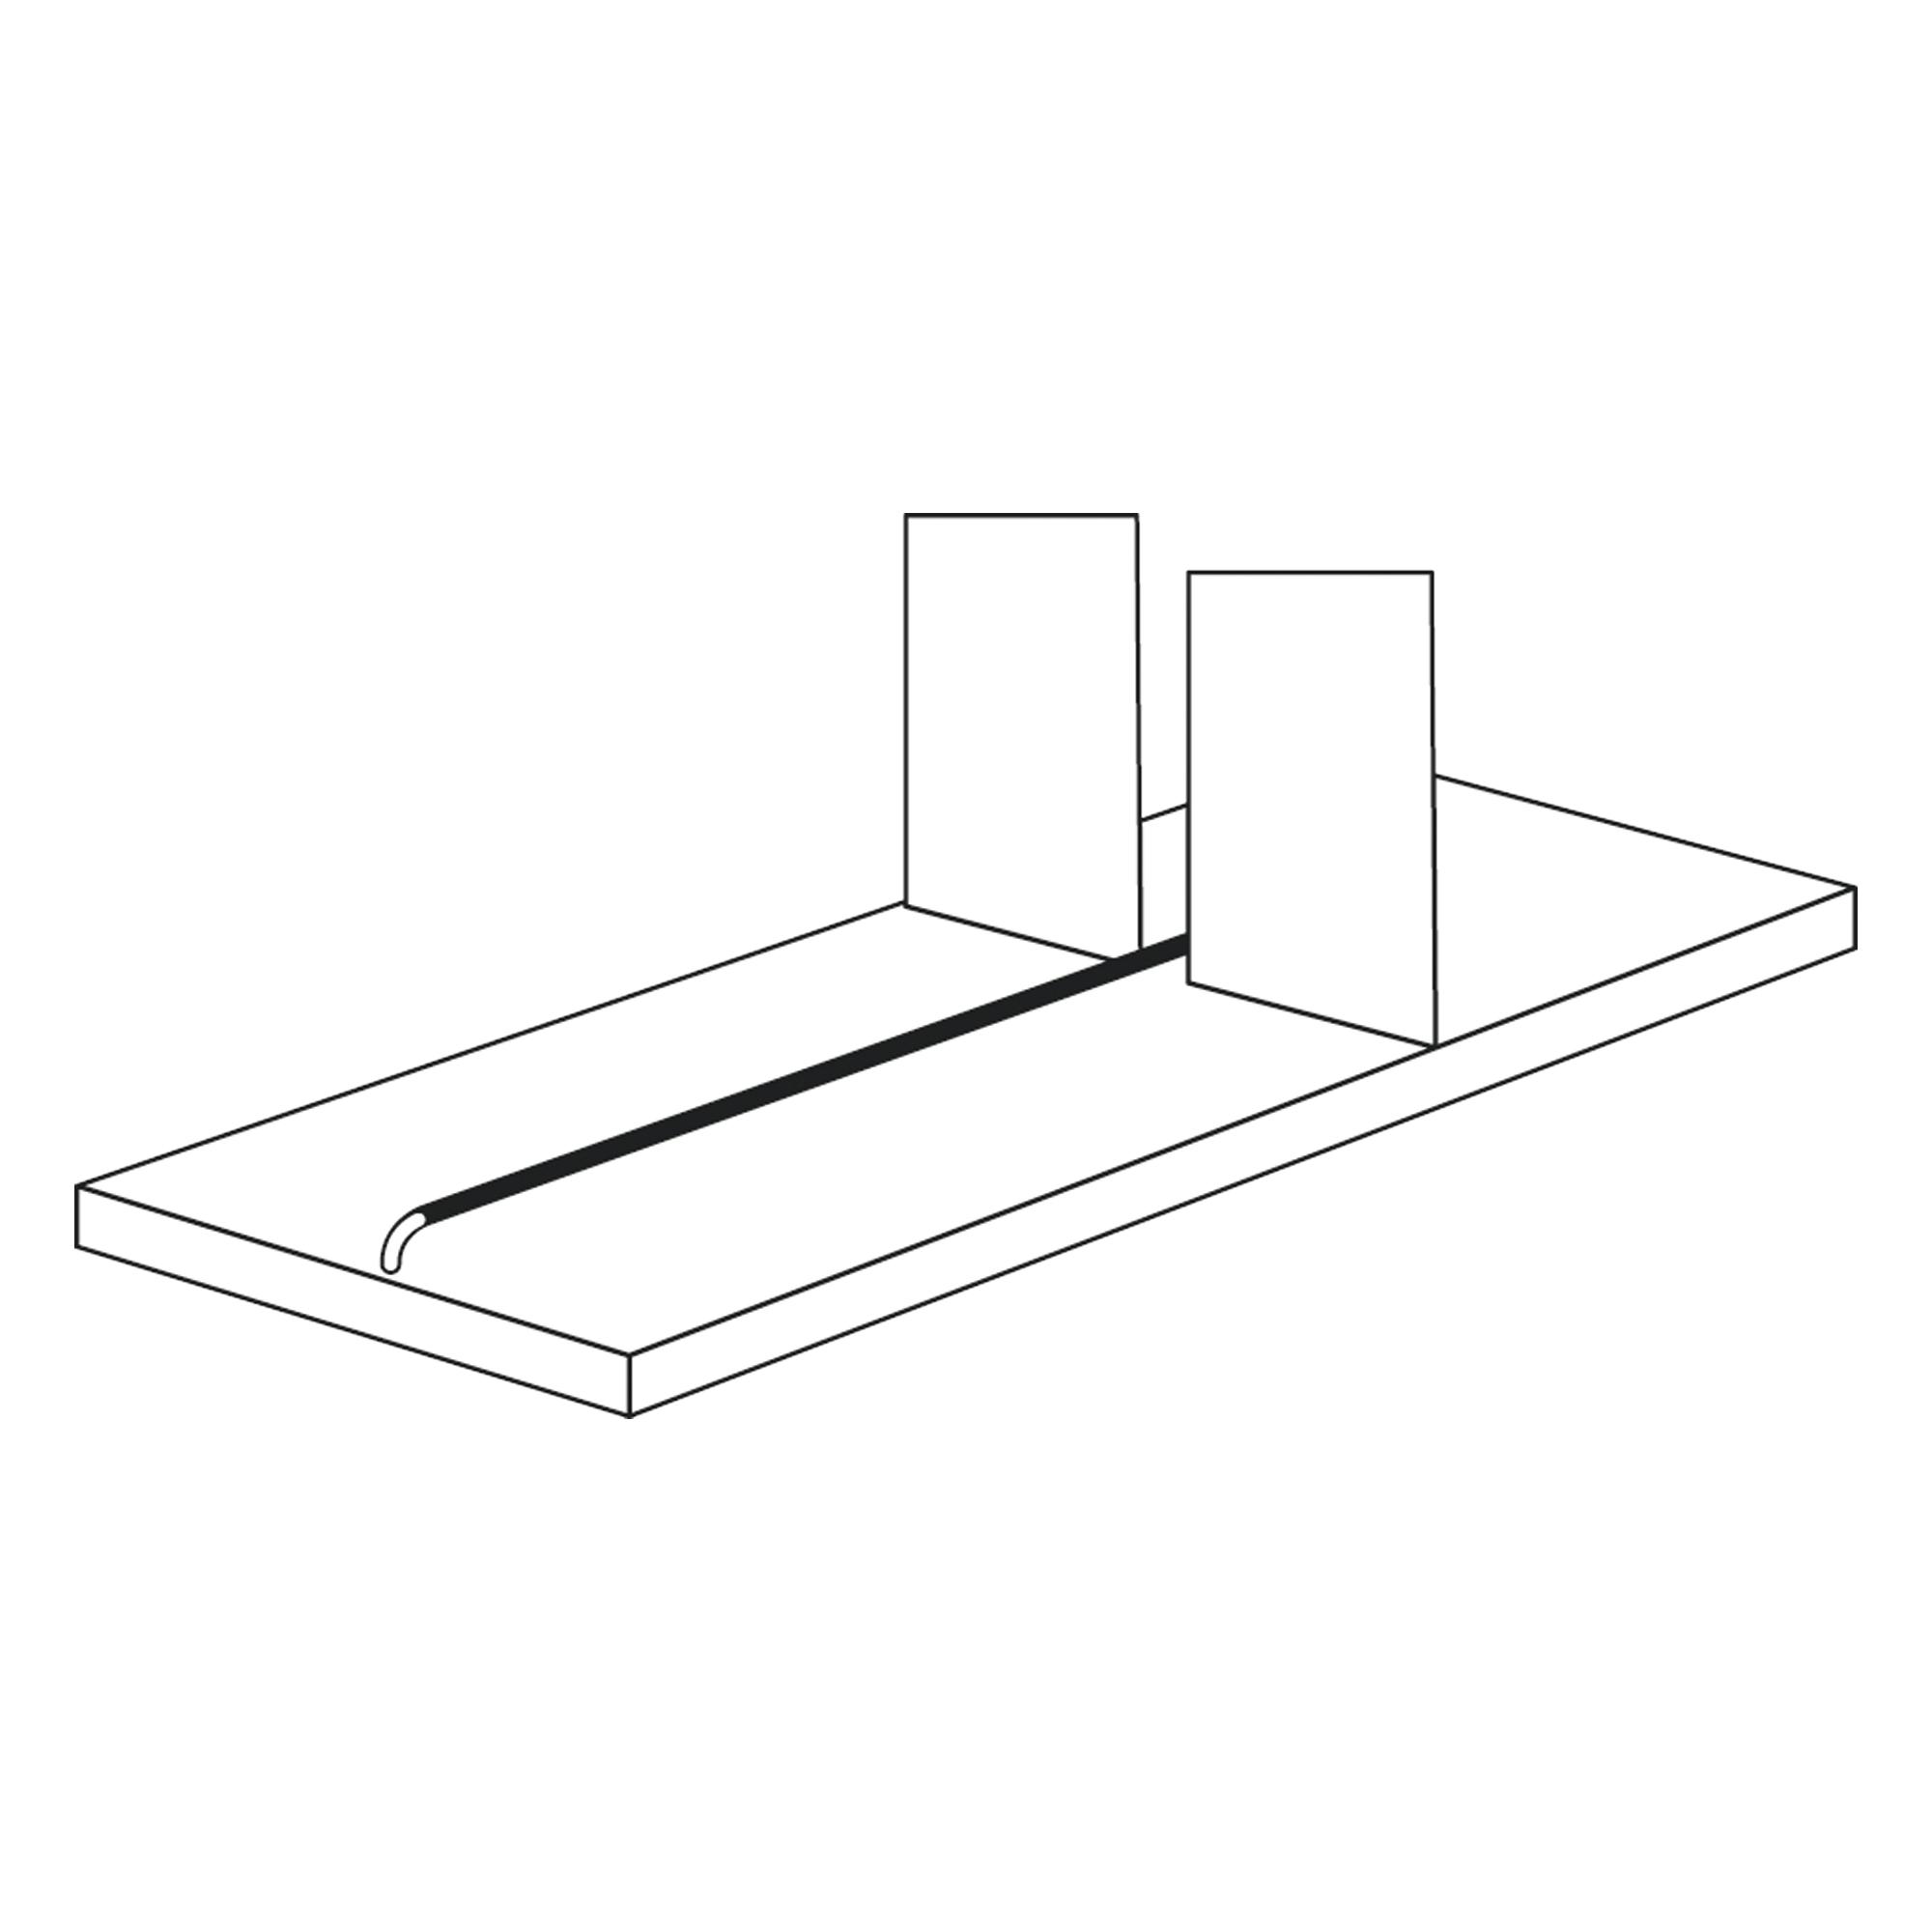 Trennsteg für 600 mm tiefe Fachböden, 1000 mm